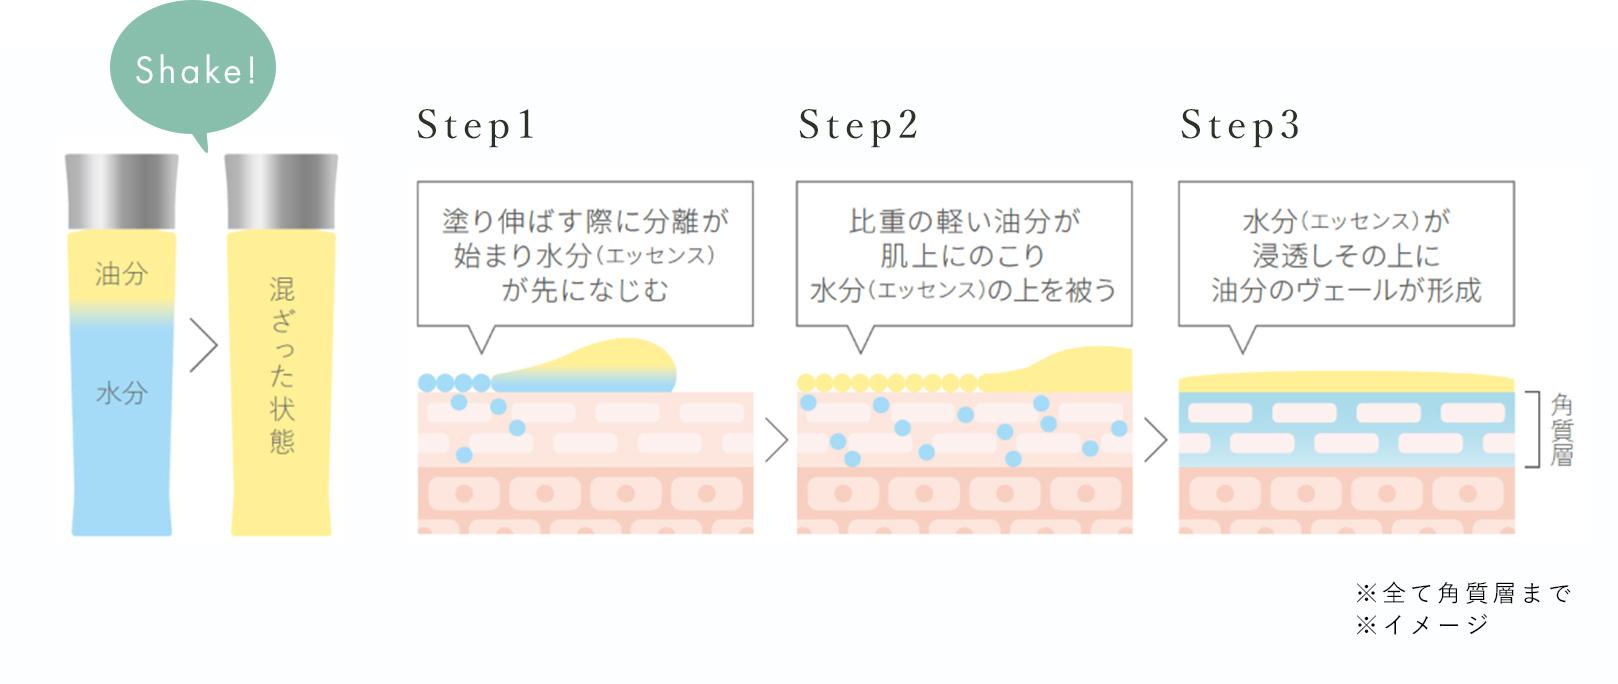 塗り伸ばす際に分離が始まり水分が先になじむ 比重の軽い油分が肌上にのこり水分の上を被う 水分が浸透しその上に油分のヴェールが形成